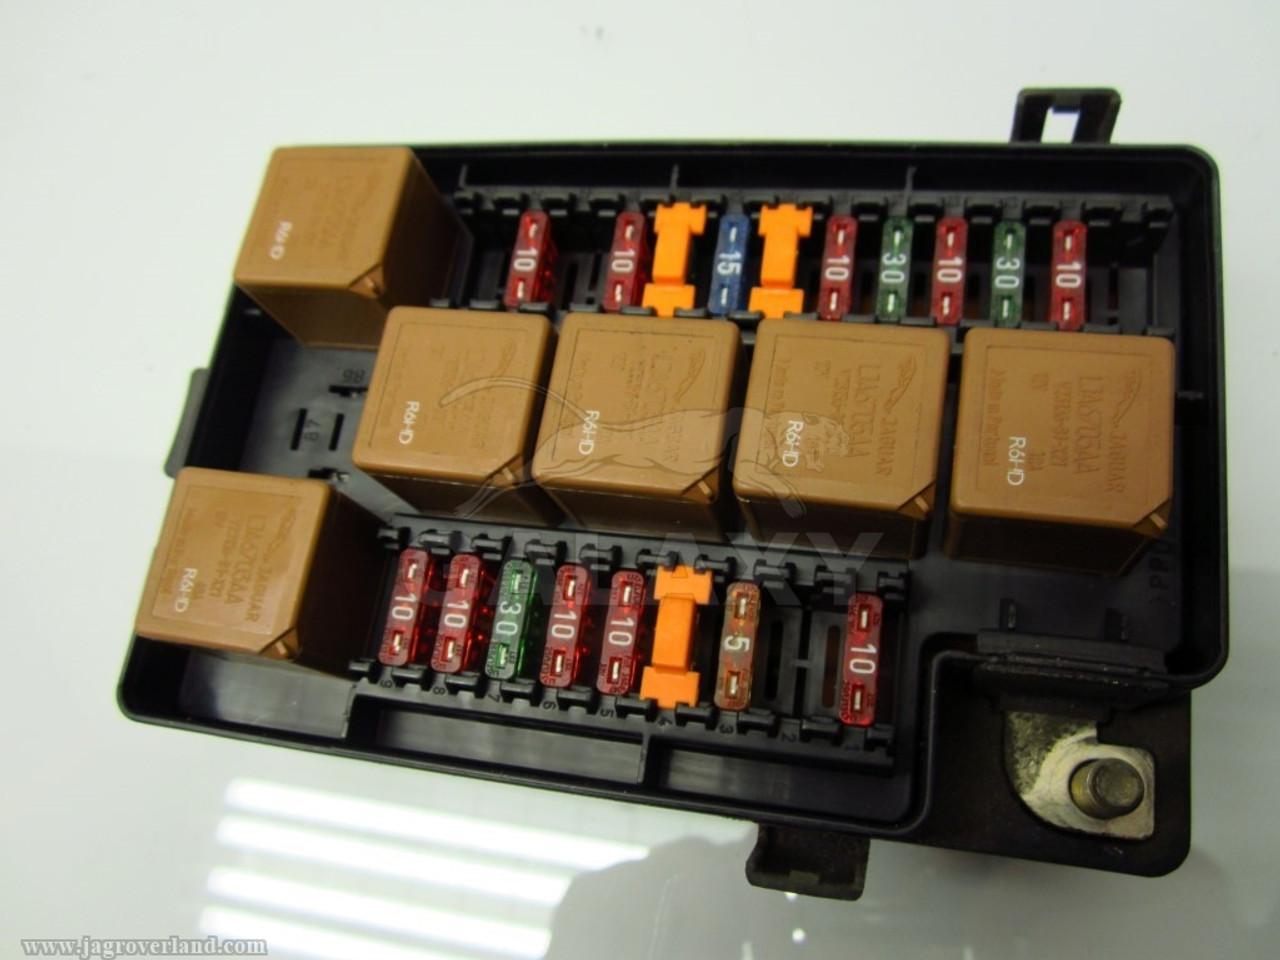 97 99 xk8 fuse box lja2822af galaxy jaguarjaguar xk fuse box 21 [ 1280 x 960 Pixel ]